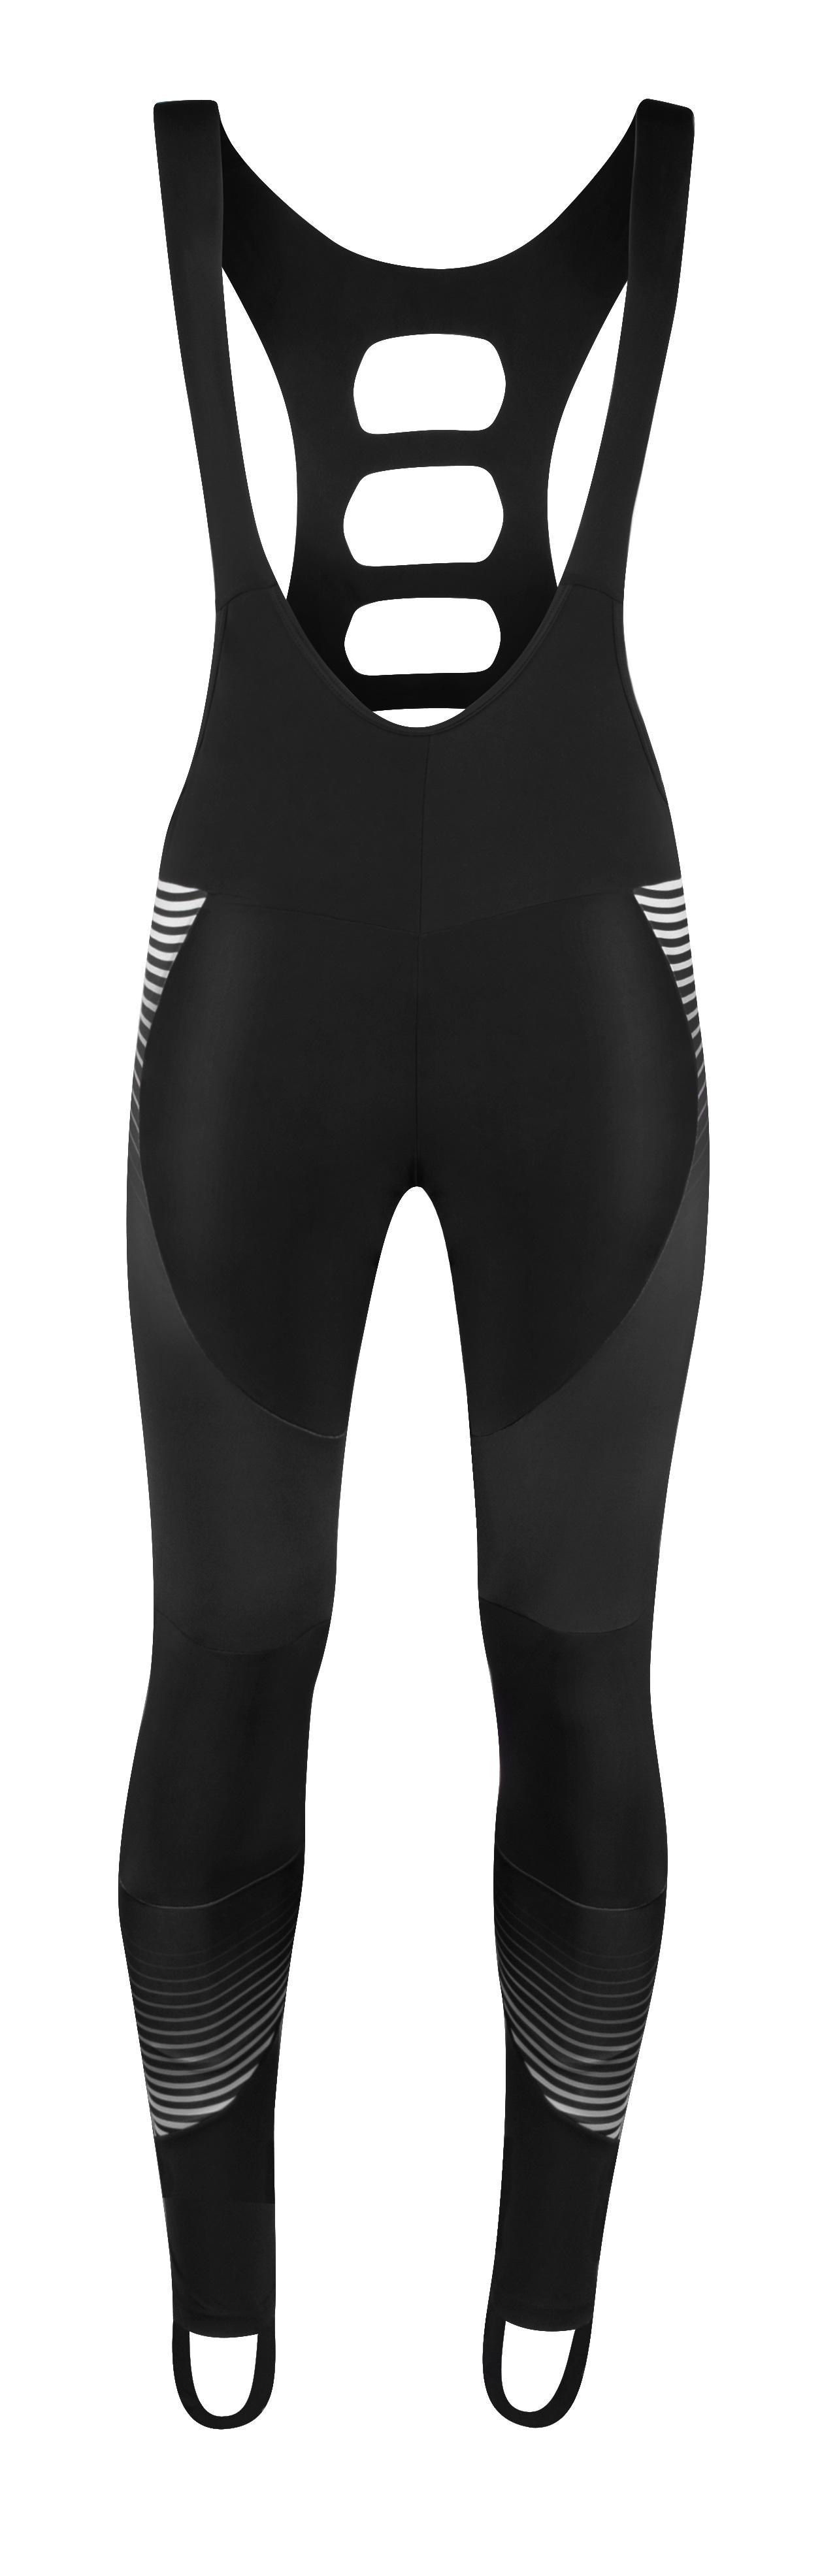 kalhoty F DRIFT WIND se šráky bez vložky,černé L